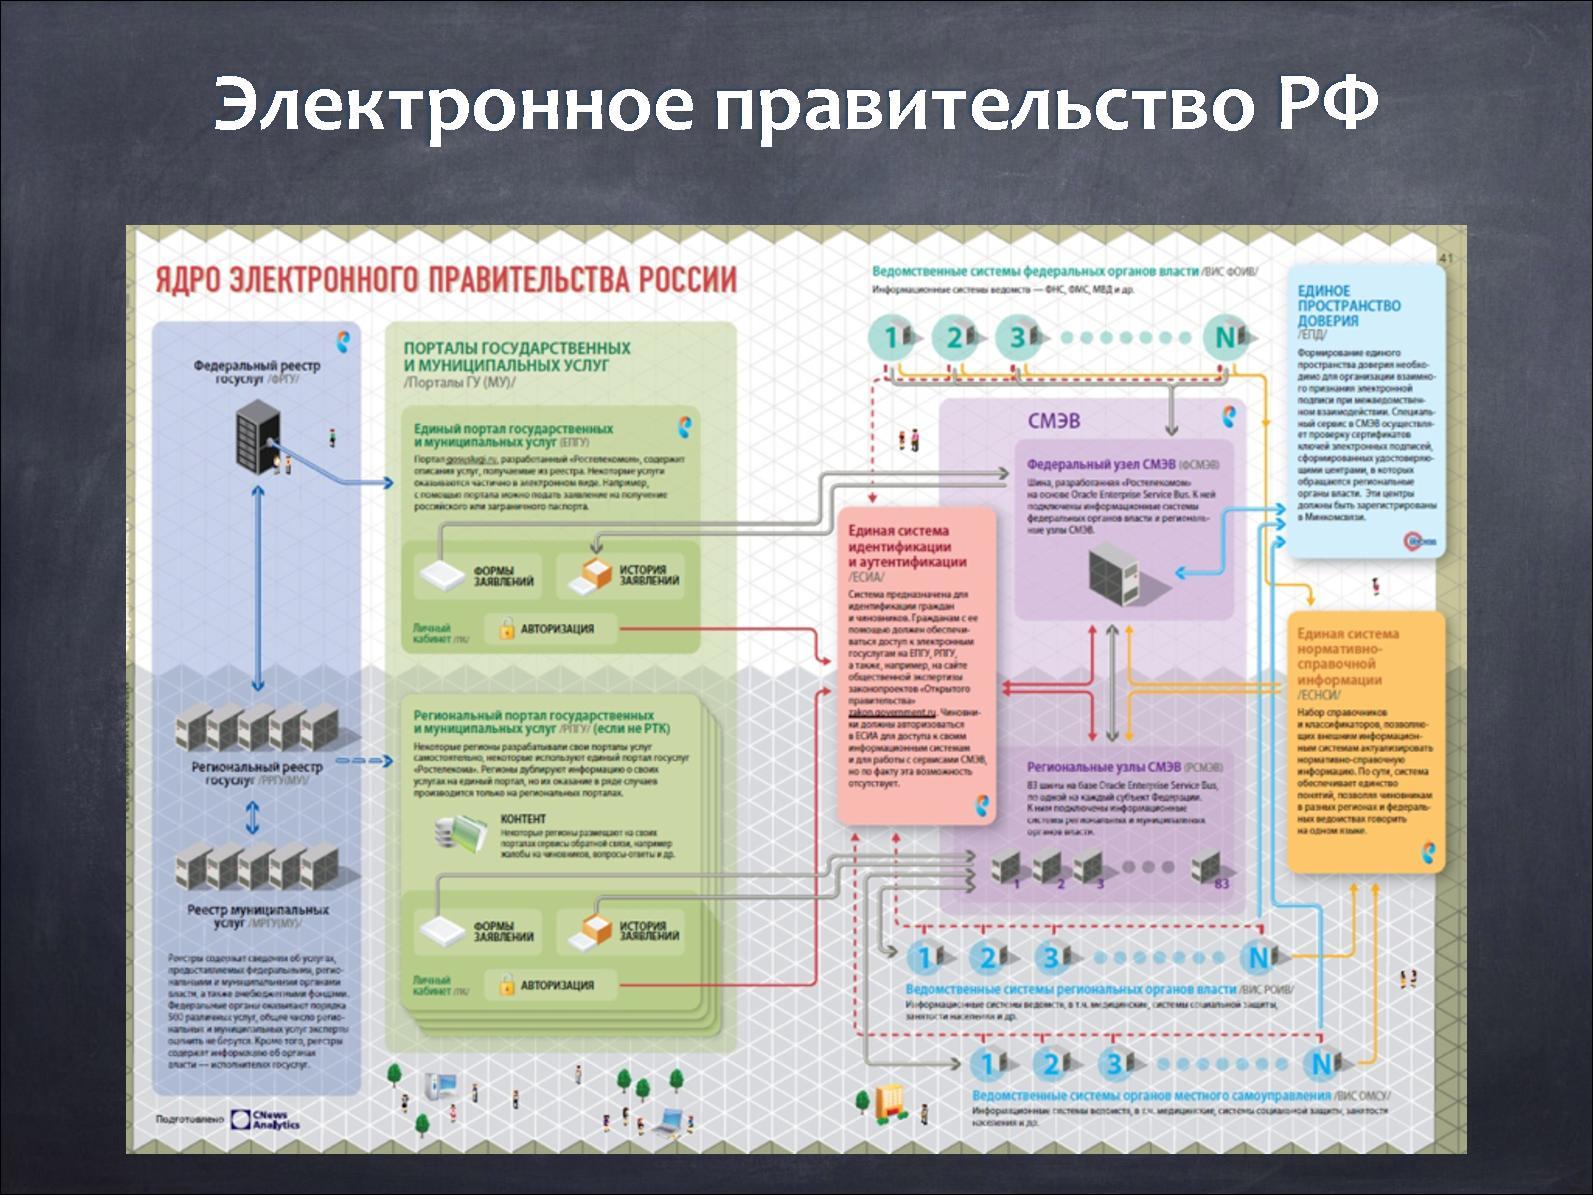 Схема центральных органов власти в современной россии это